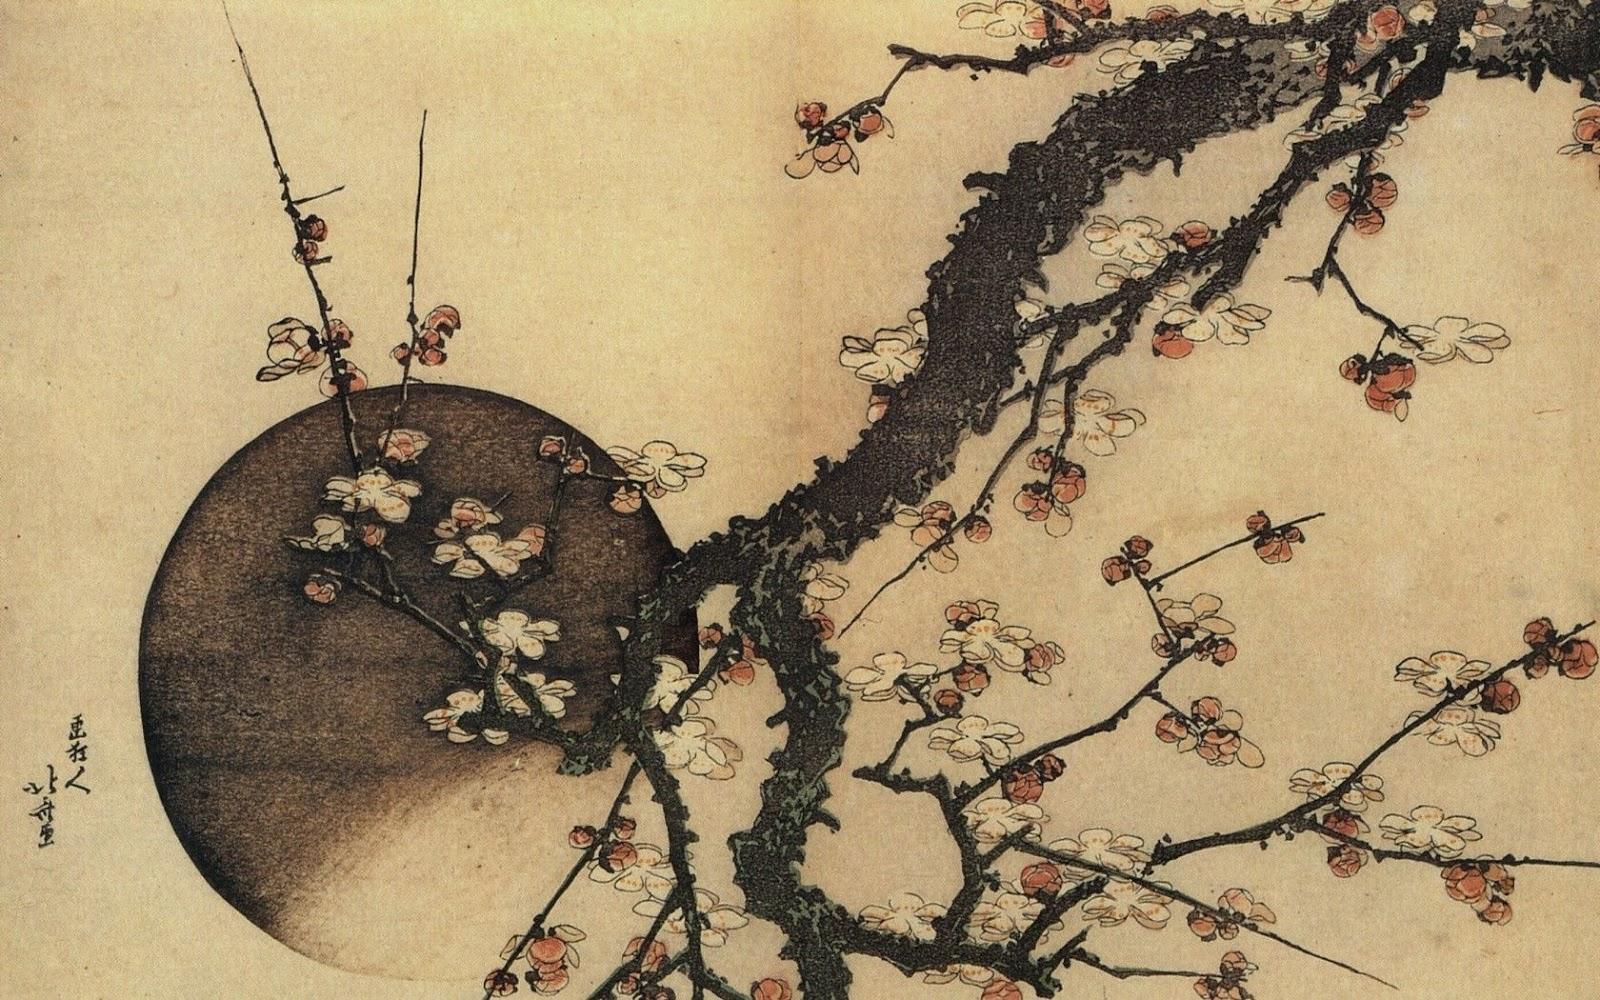 http://1.bp.blogspot.com/-o4Wwyz-8F54/T38HDHSRiiI/AAAAAAAALKY/-ylhbG5lGI0/s1600/Katsushika_Hokusai_1680x1050.jpg